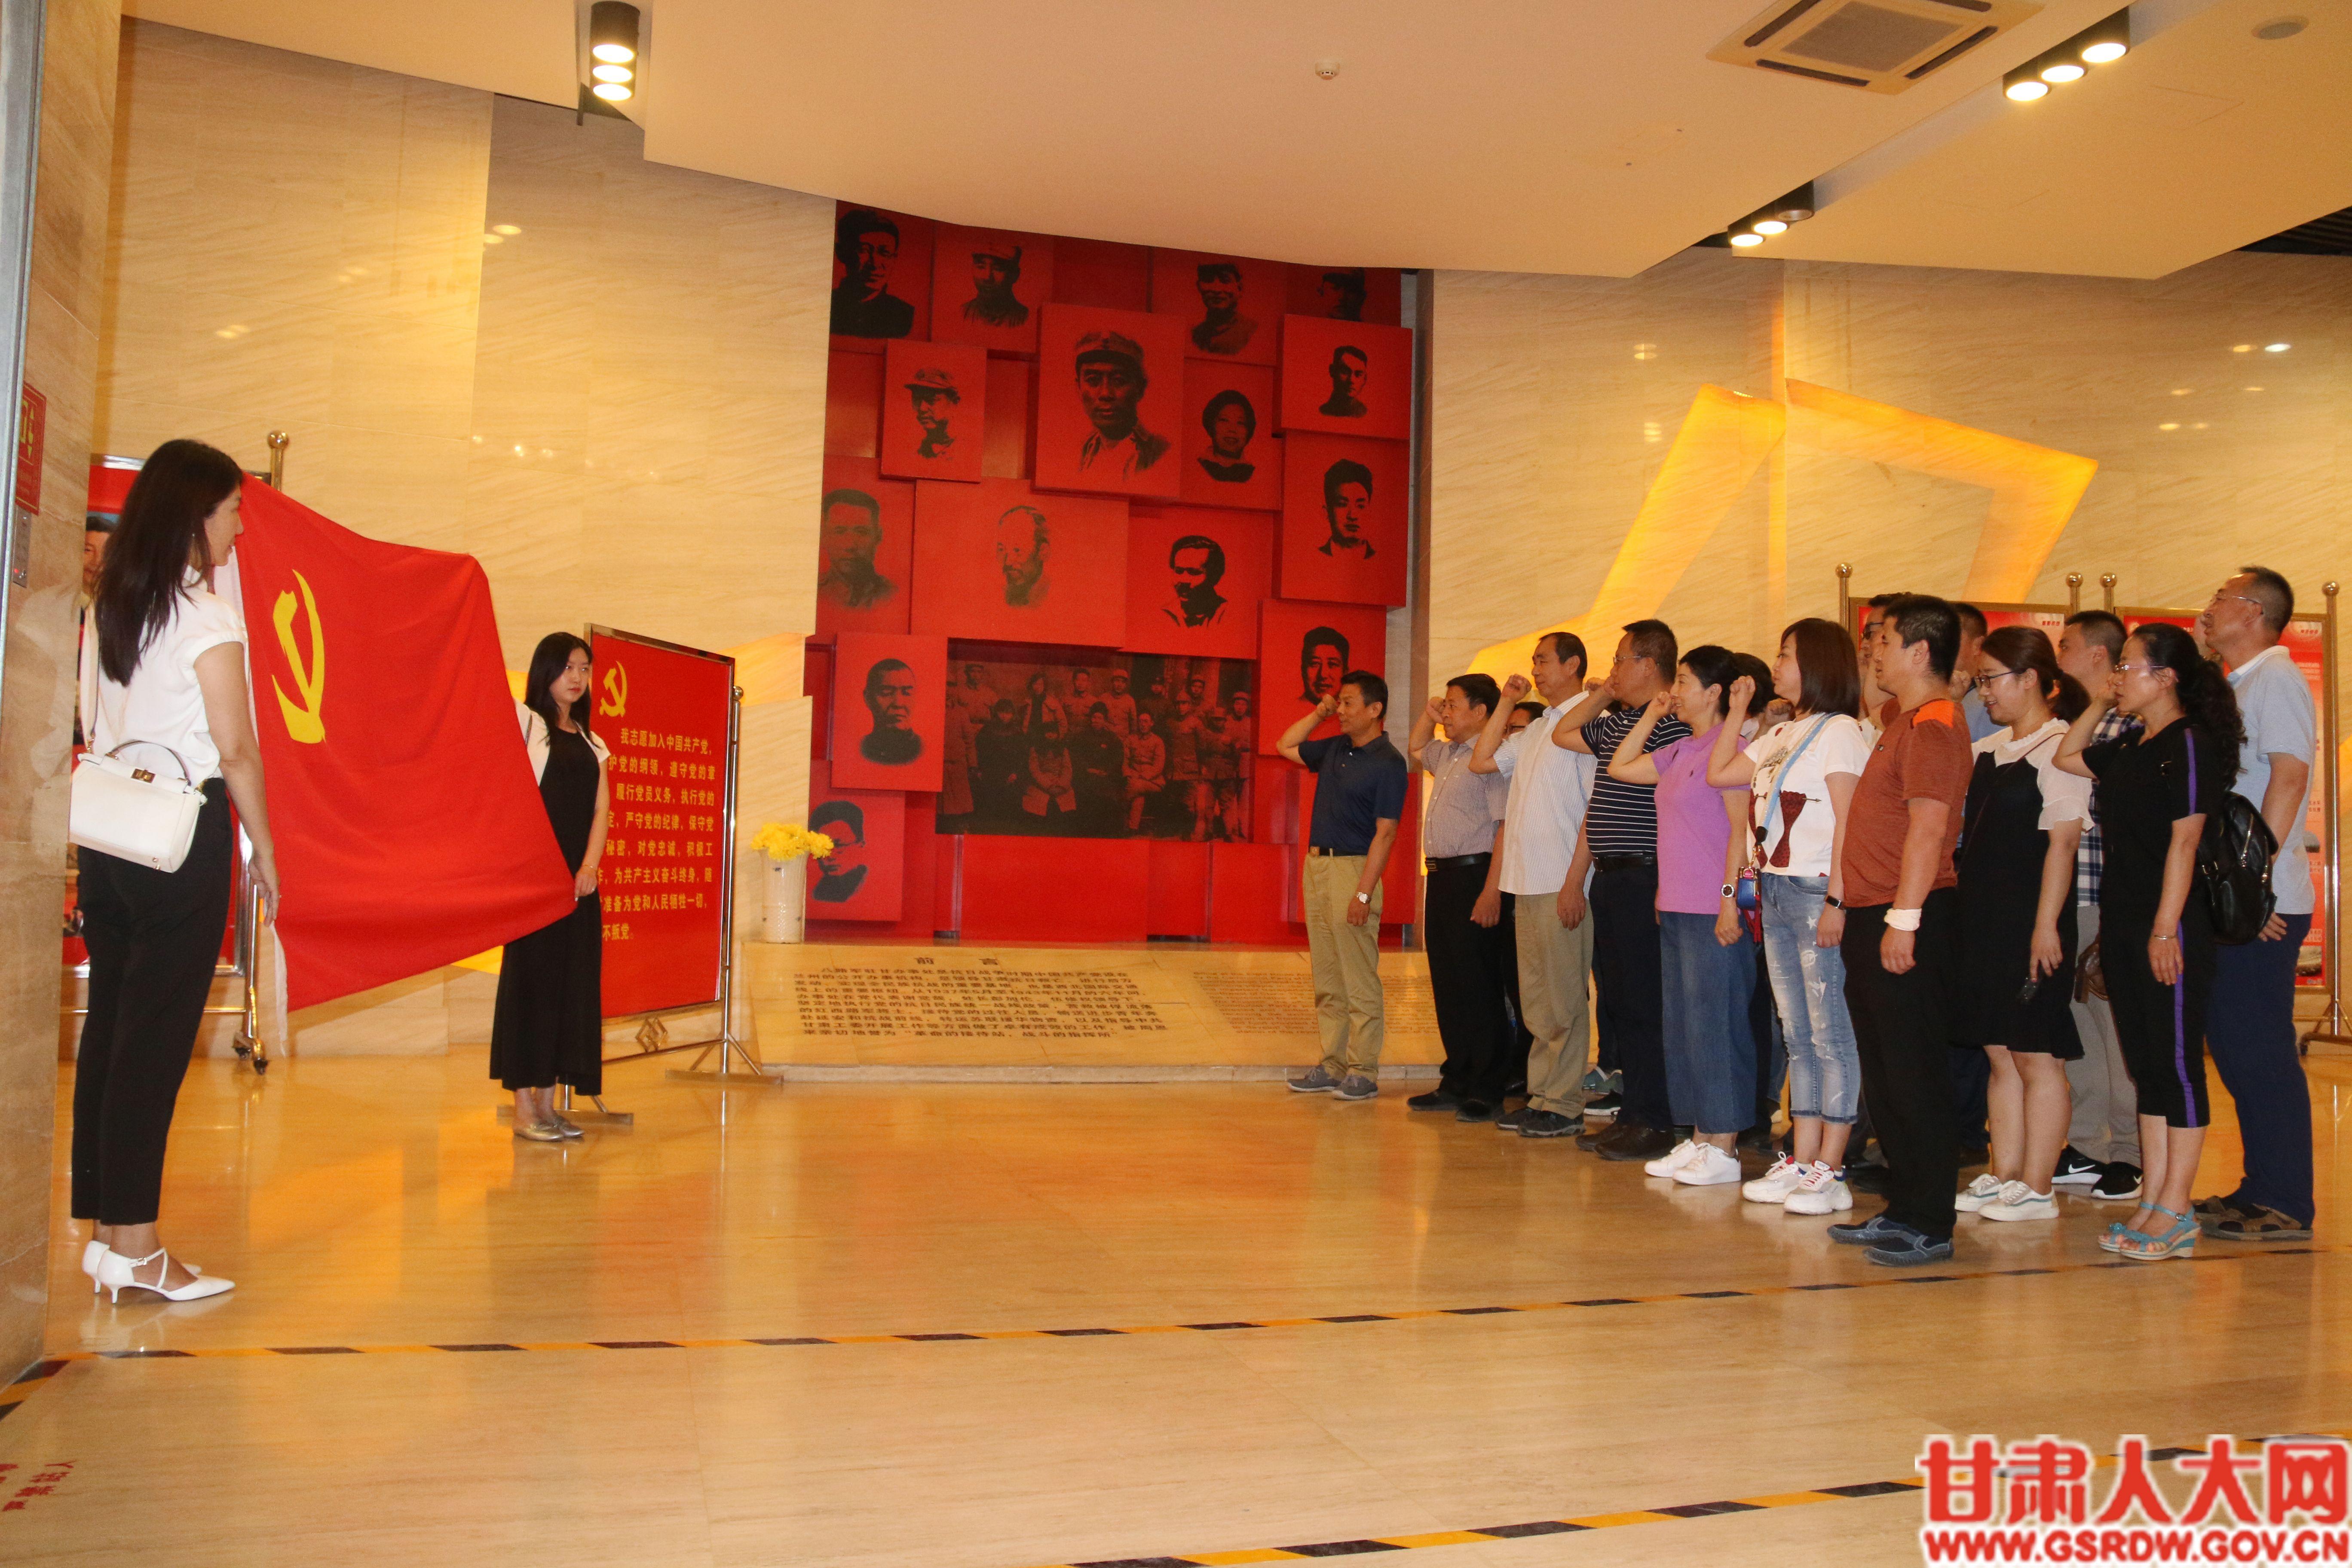 7月4日下午,省人大常委会办公厅接待处党支部和研究室党支部参观了八路军办事处旧址